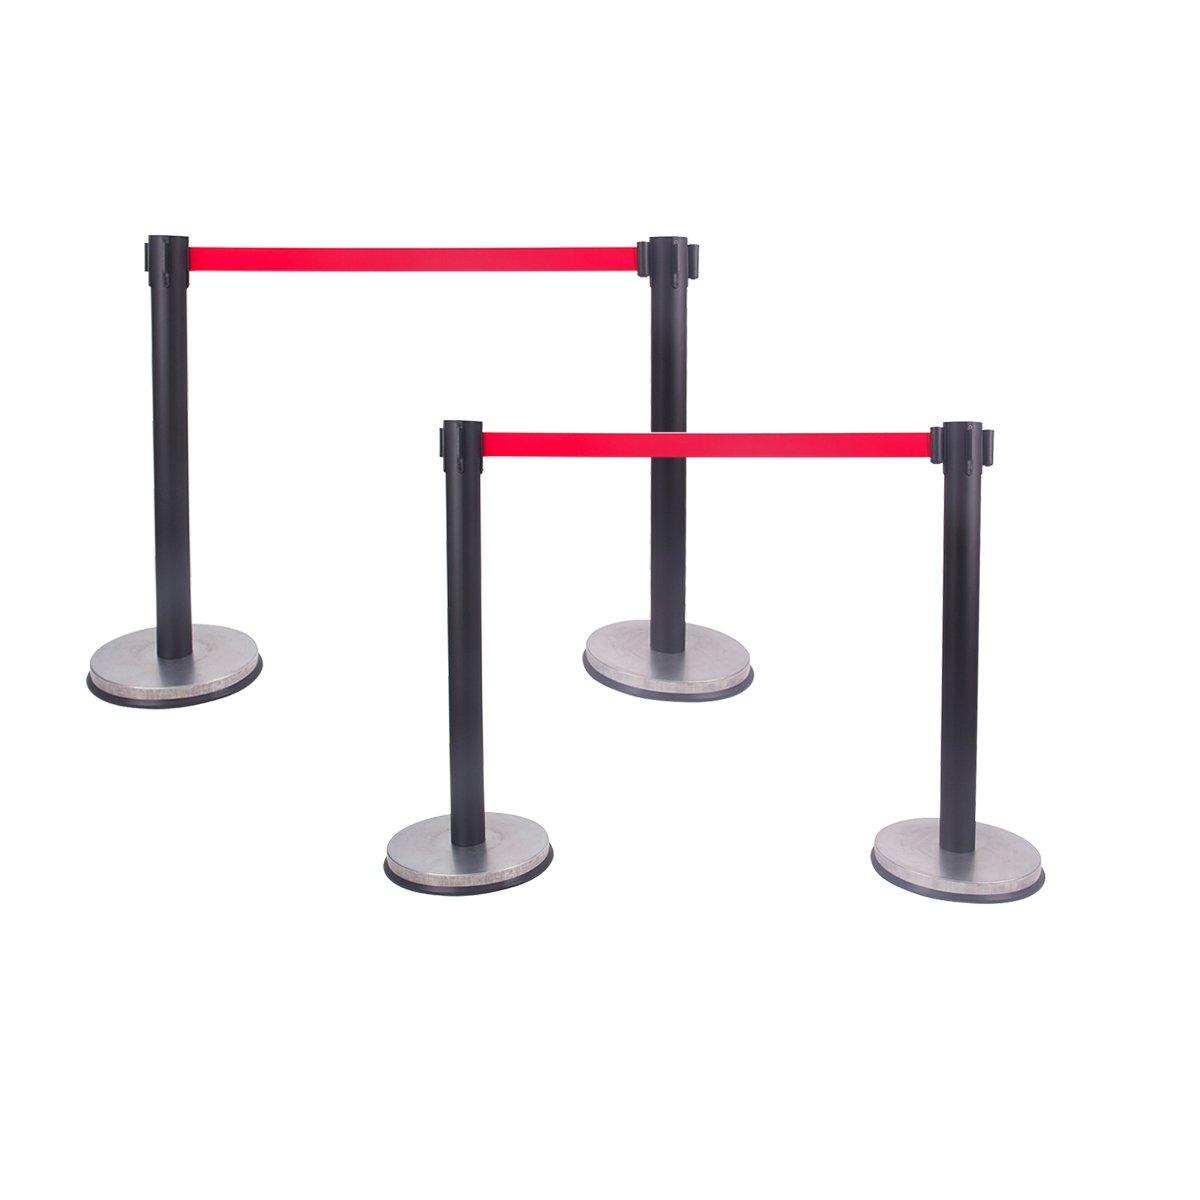 Retractable Belt Stanchion, Queue Pole,Red Belt, Crowd Control Barrier Black